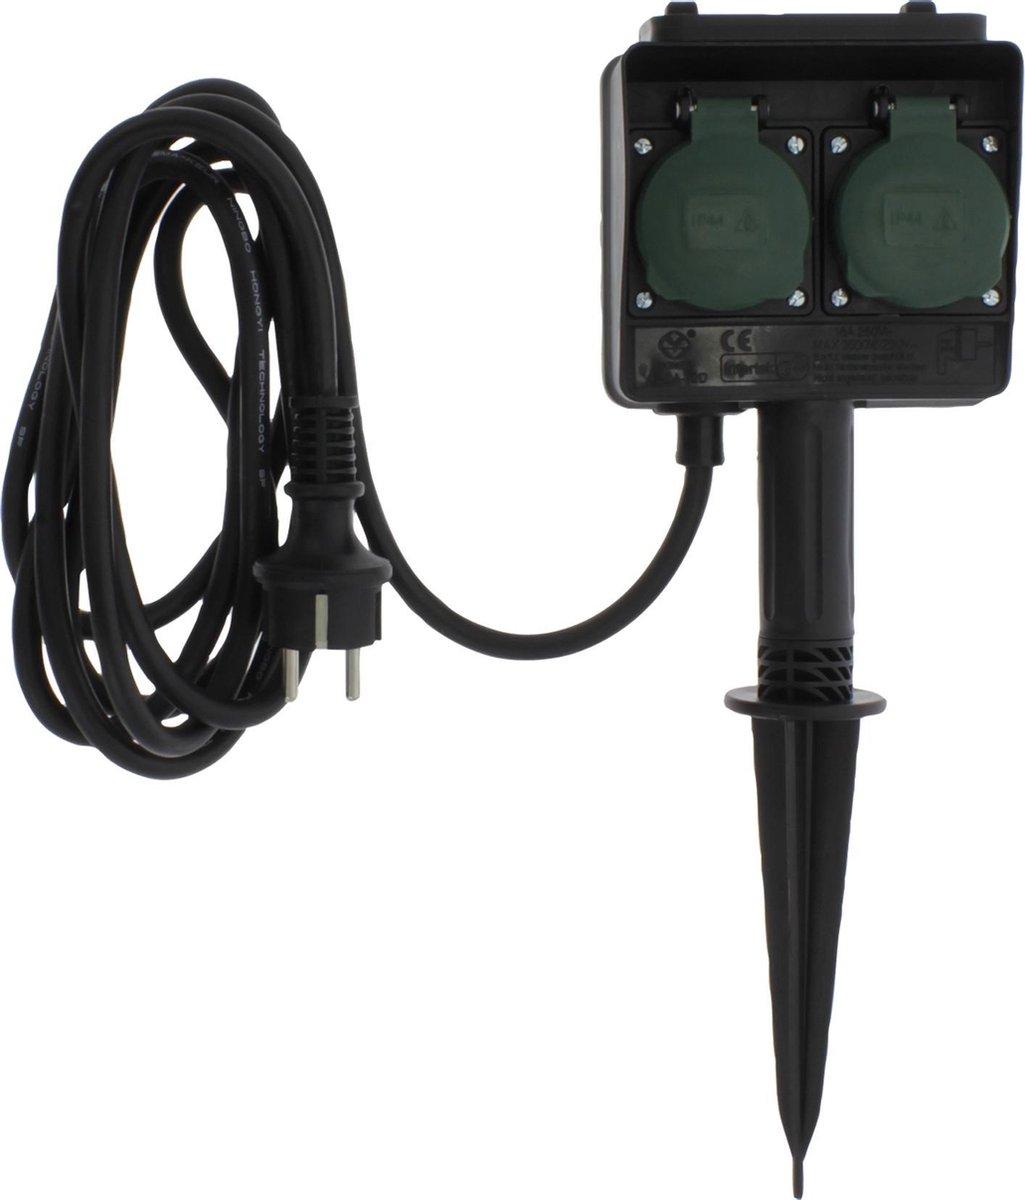 Q-Link stekkerdoos - 2-voudig - op spie - randaarde - H05RRF - 3500W - 3 x 1.5 mm  - 3 m - zwart